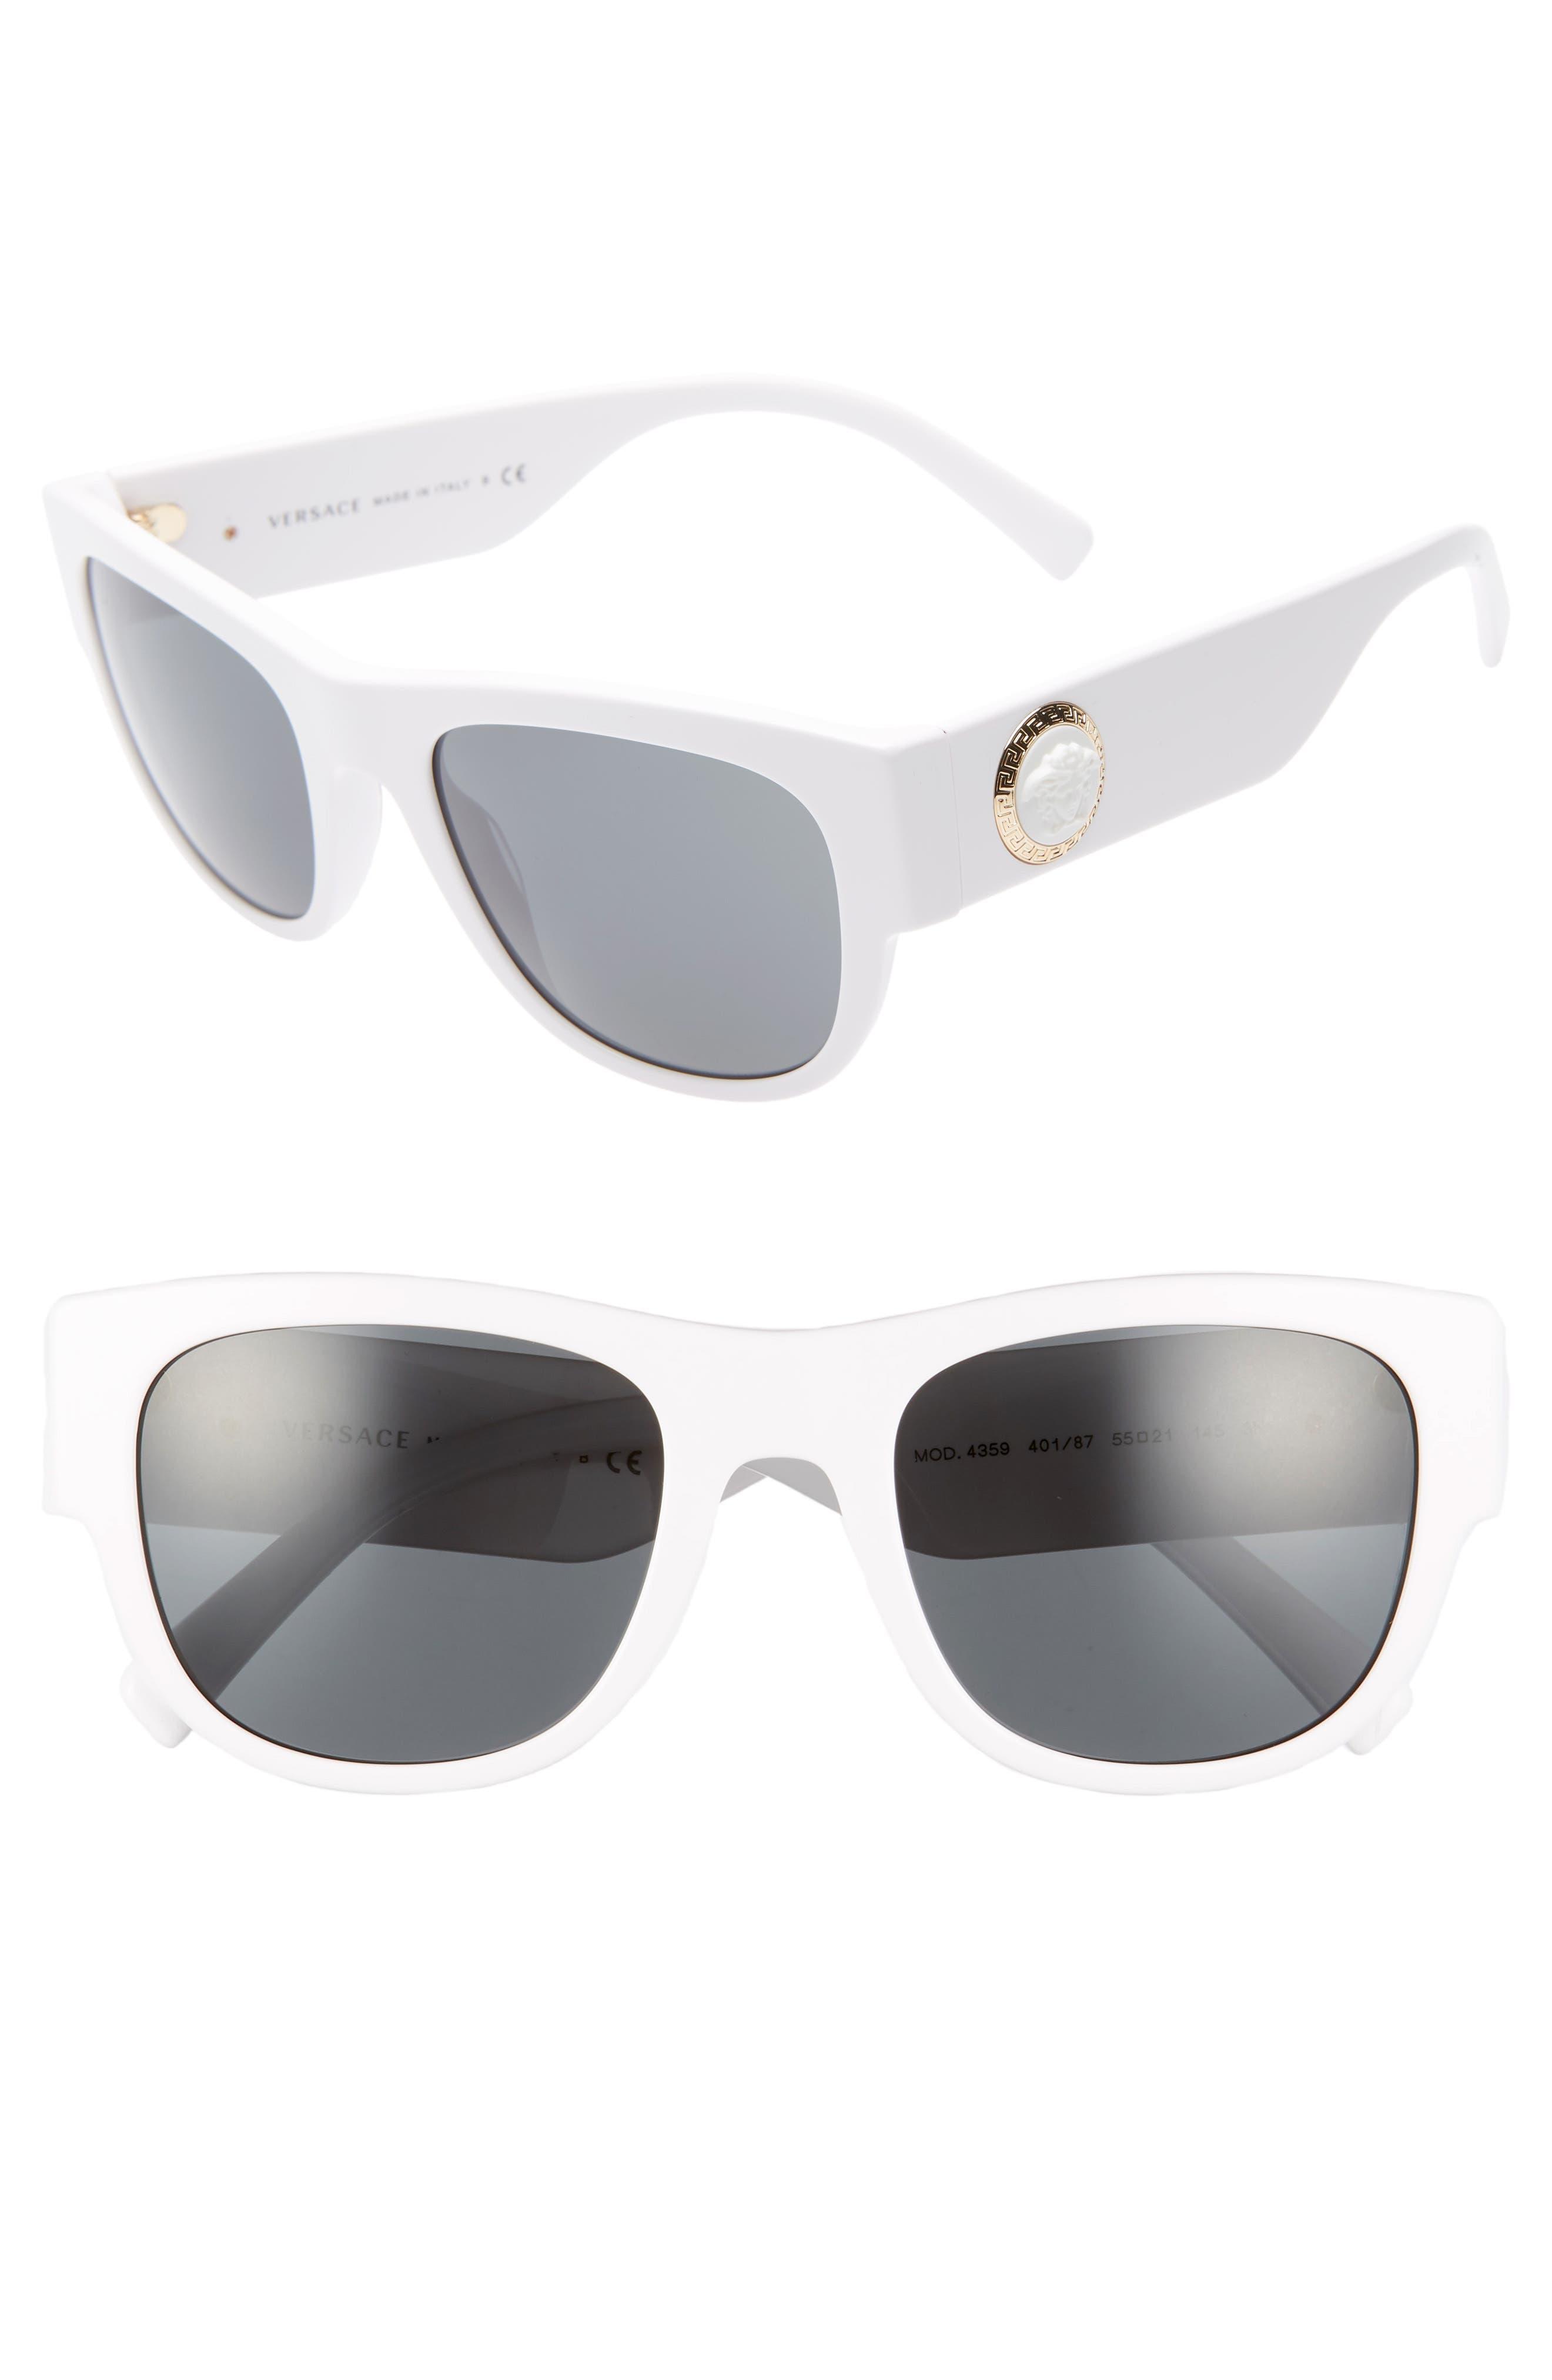 5e2a995228 Men s Versace 55Mm Sunglasses - White